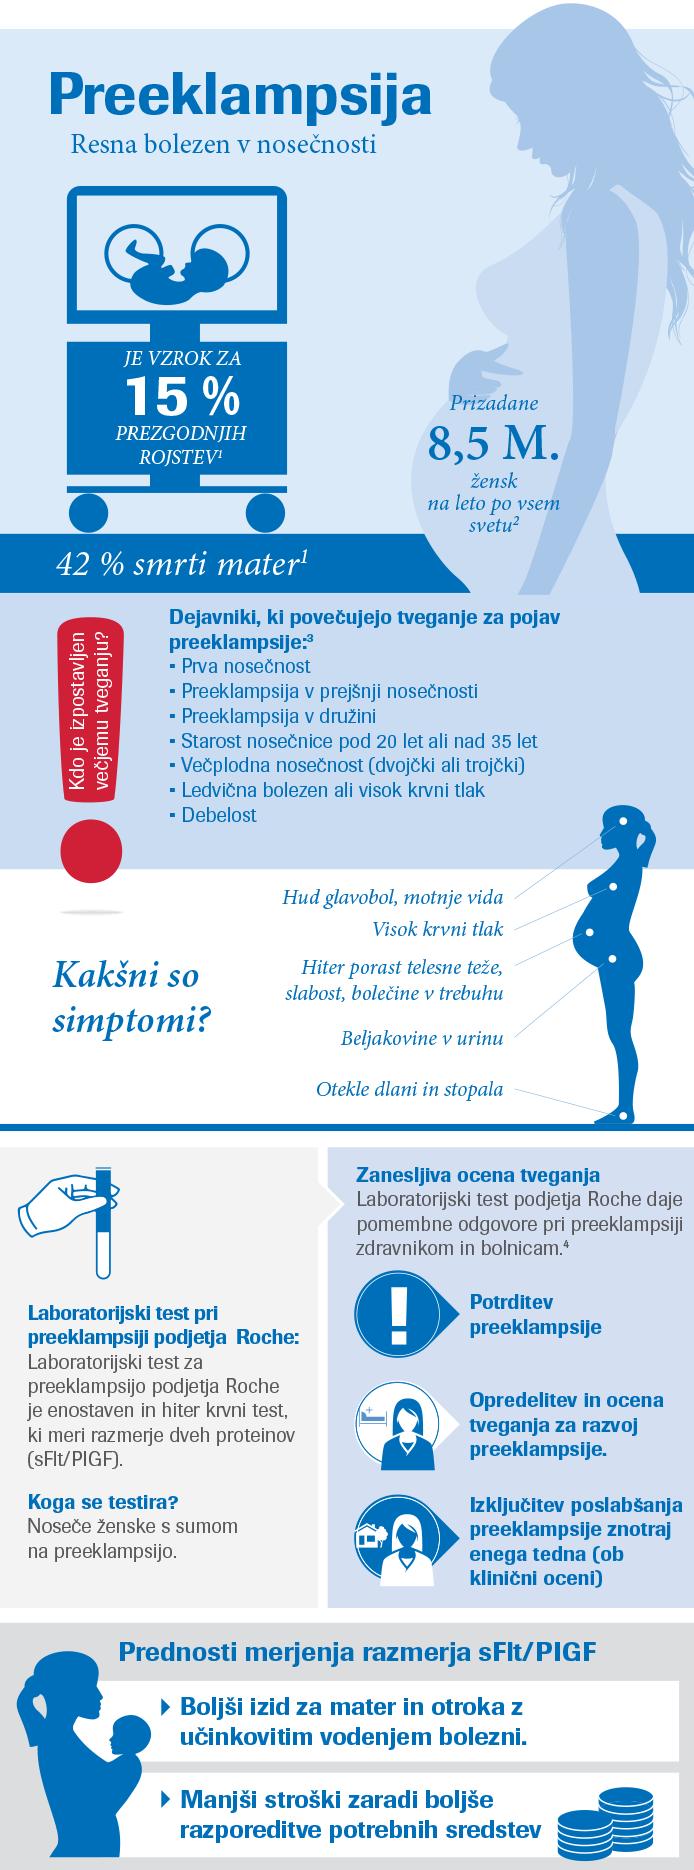 Infografika – Preeklampsija je bolezensko stanje v nosečnosti, ki predstavlja enega glavnih vzrokov obolevnosti ter umrljivosti mater in novorojenčkov.